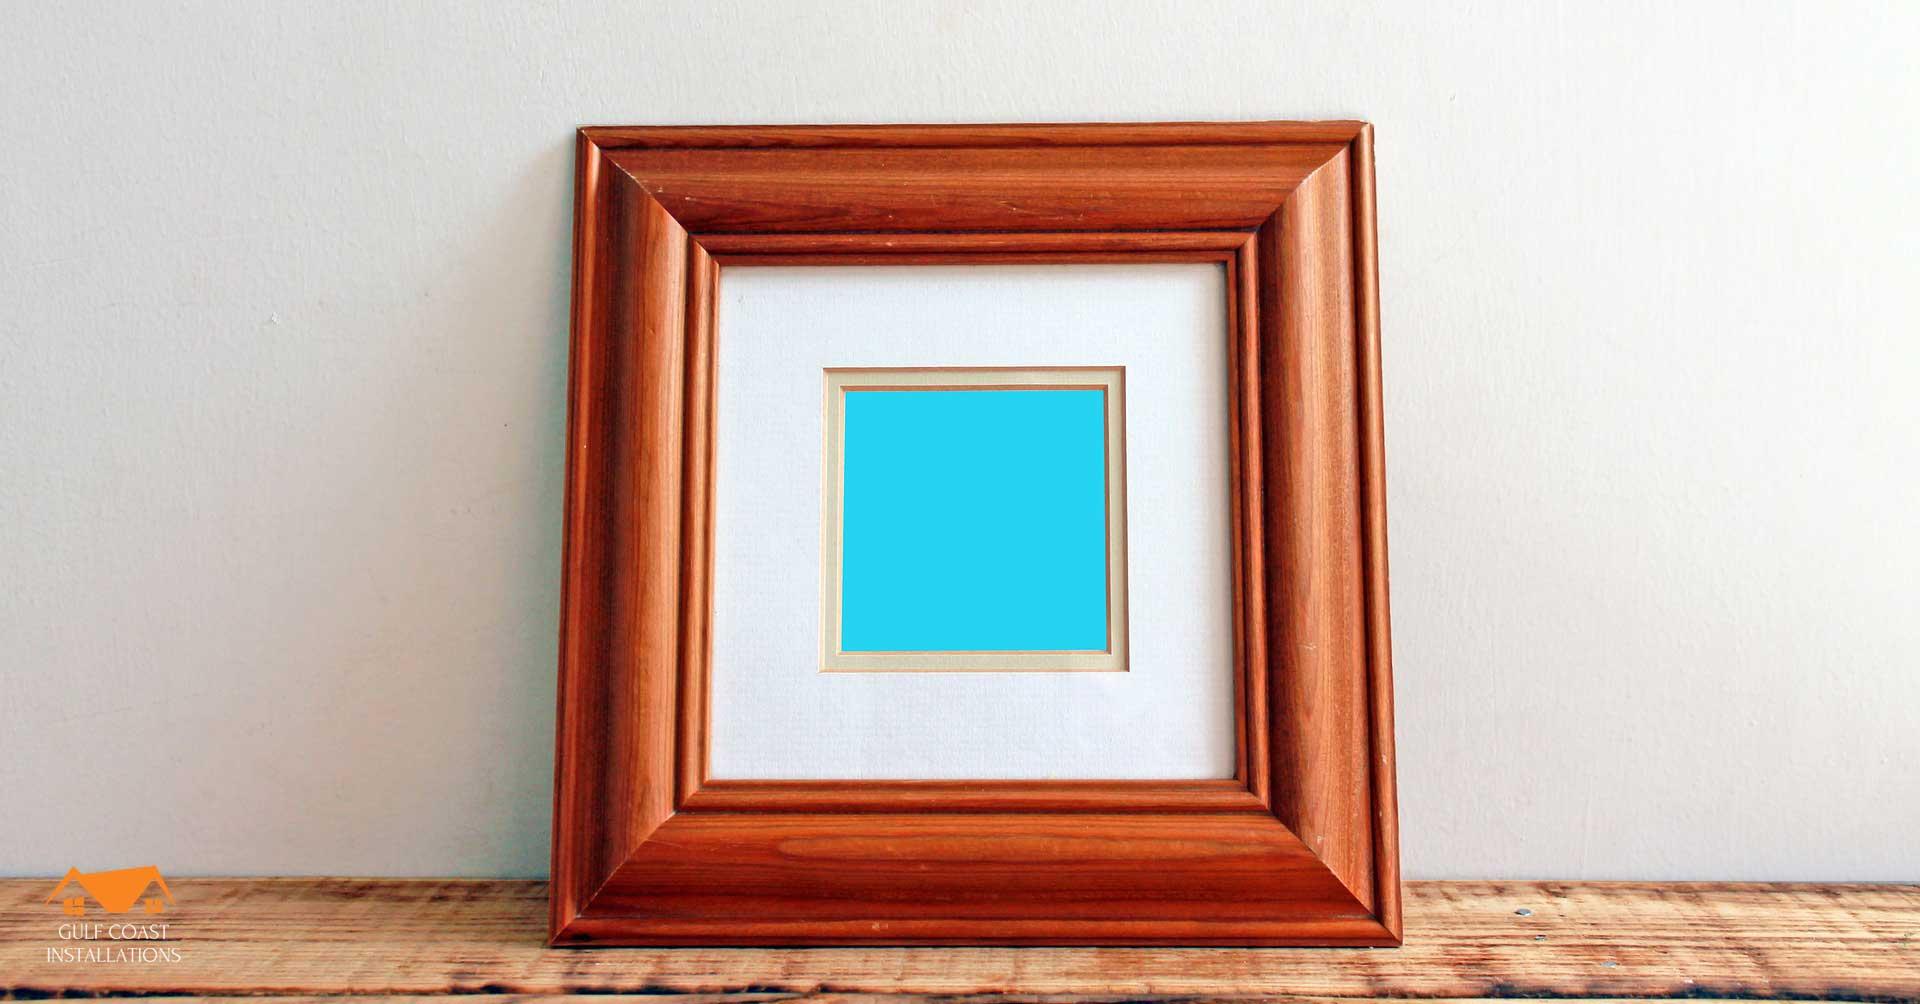 Art Installers Explain Different Art Framing Techniques